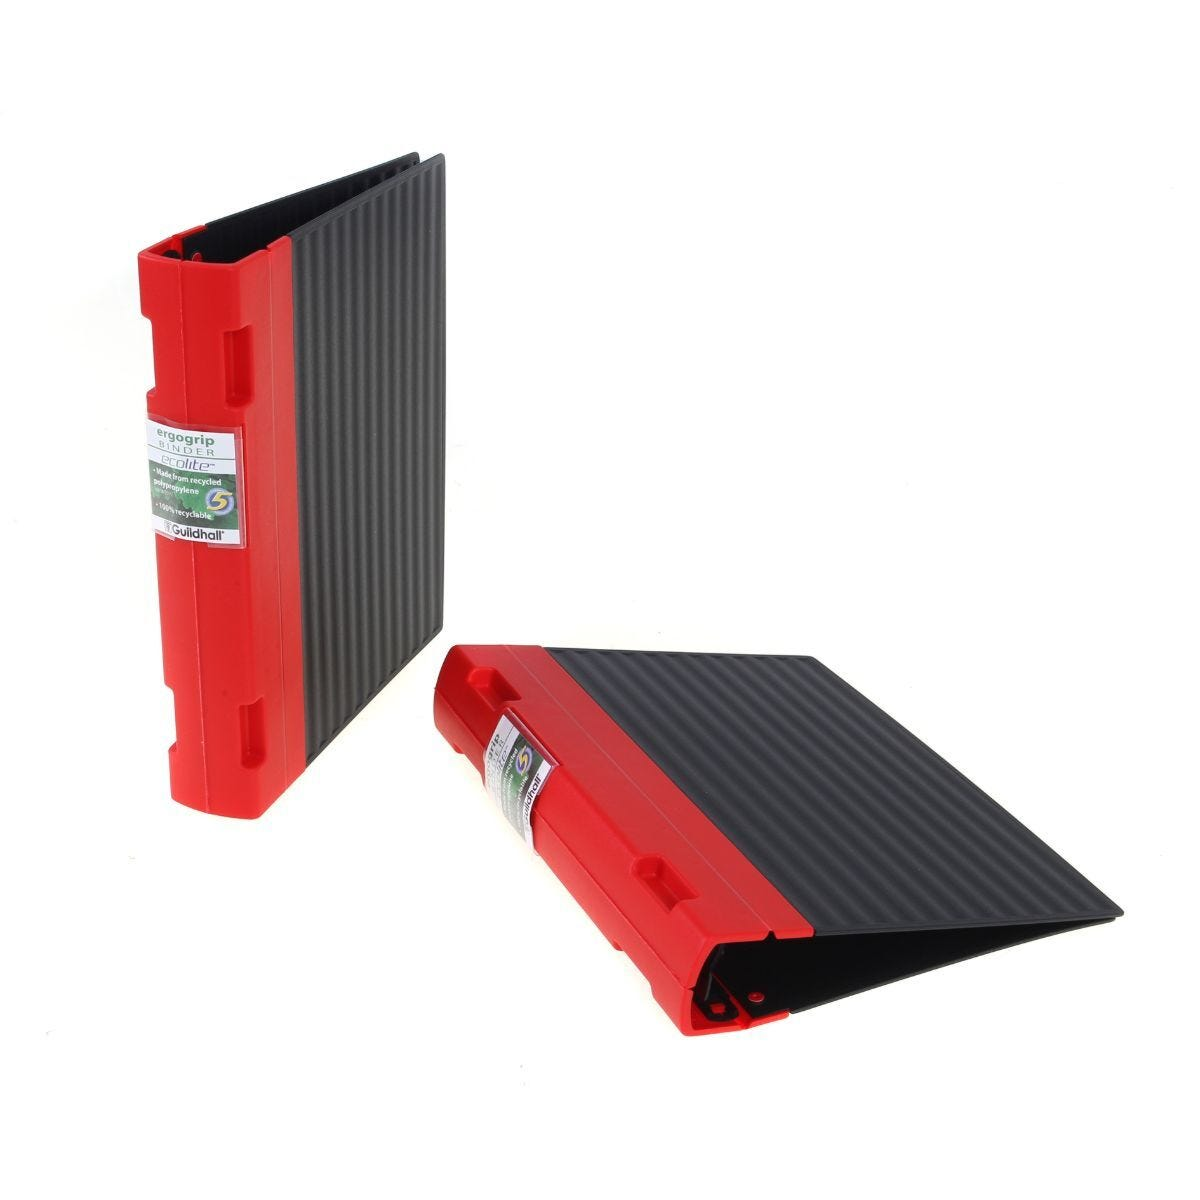 Guildhall Ecolite Ergogrip Binder 55mm Spine Red